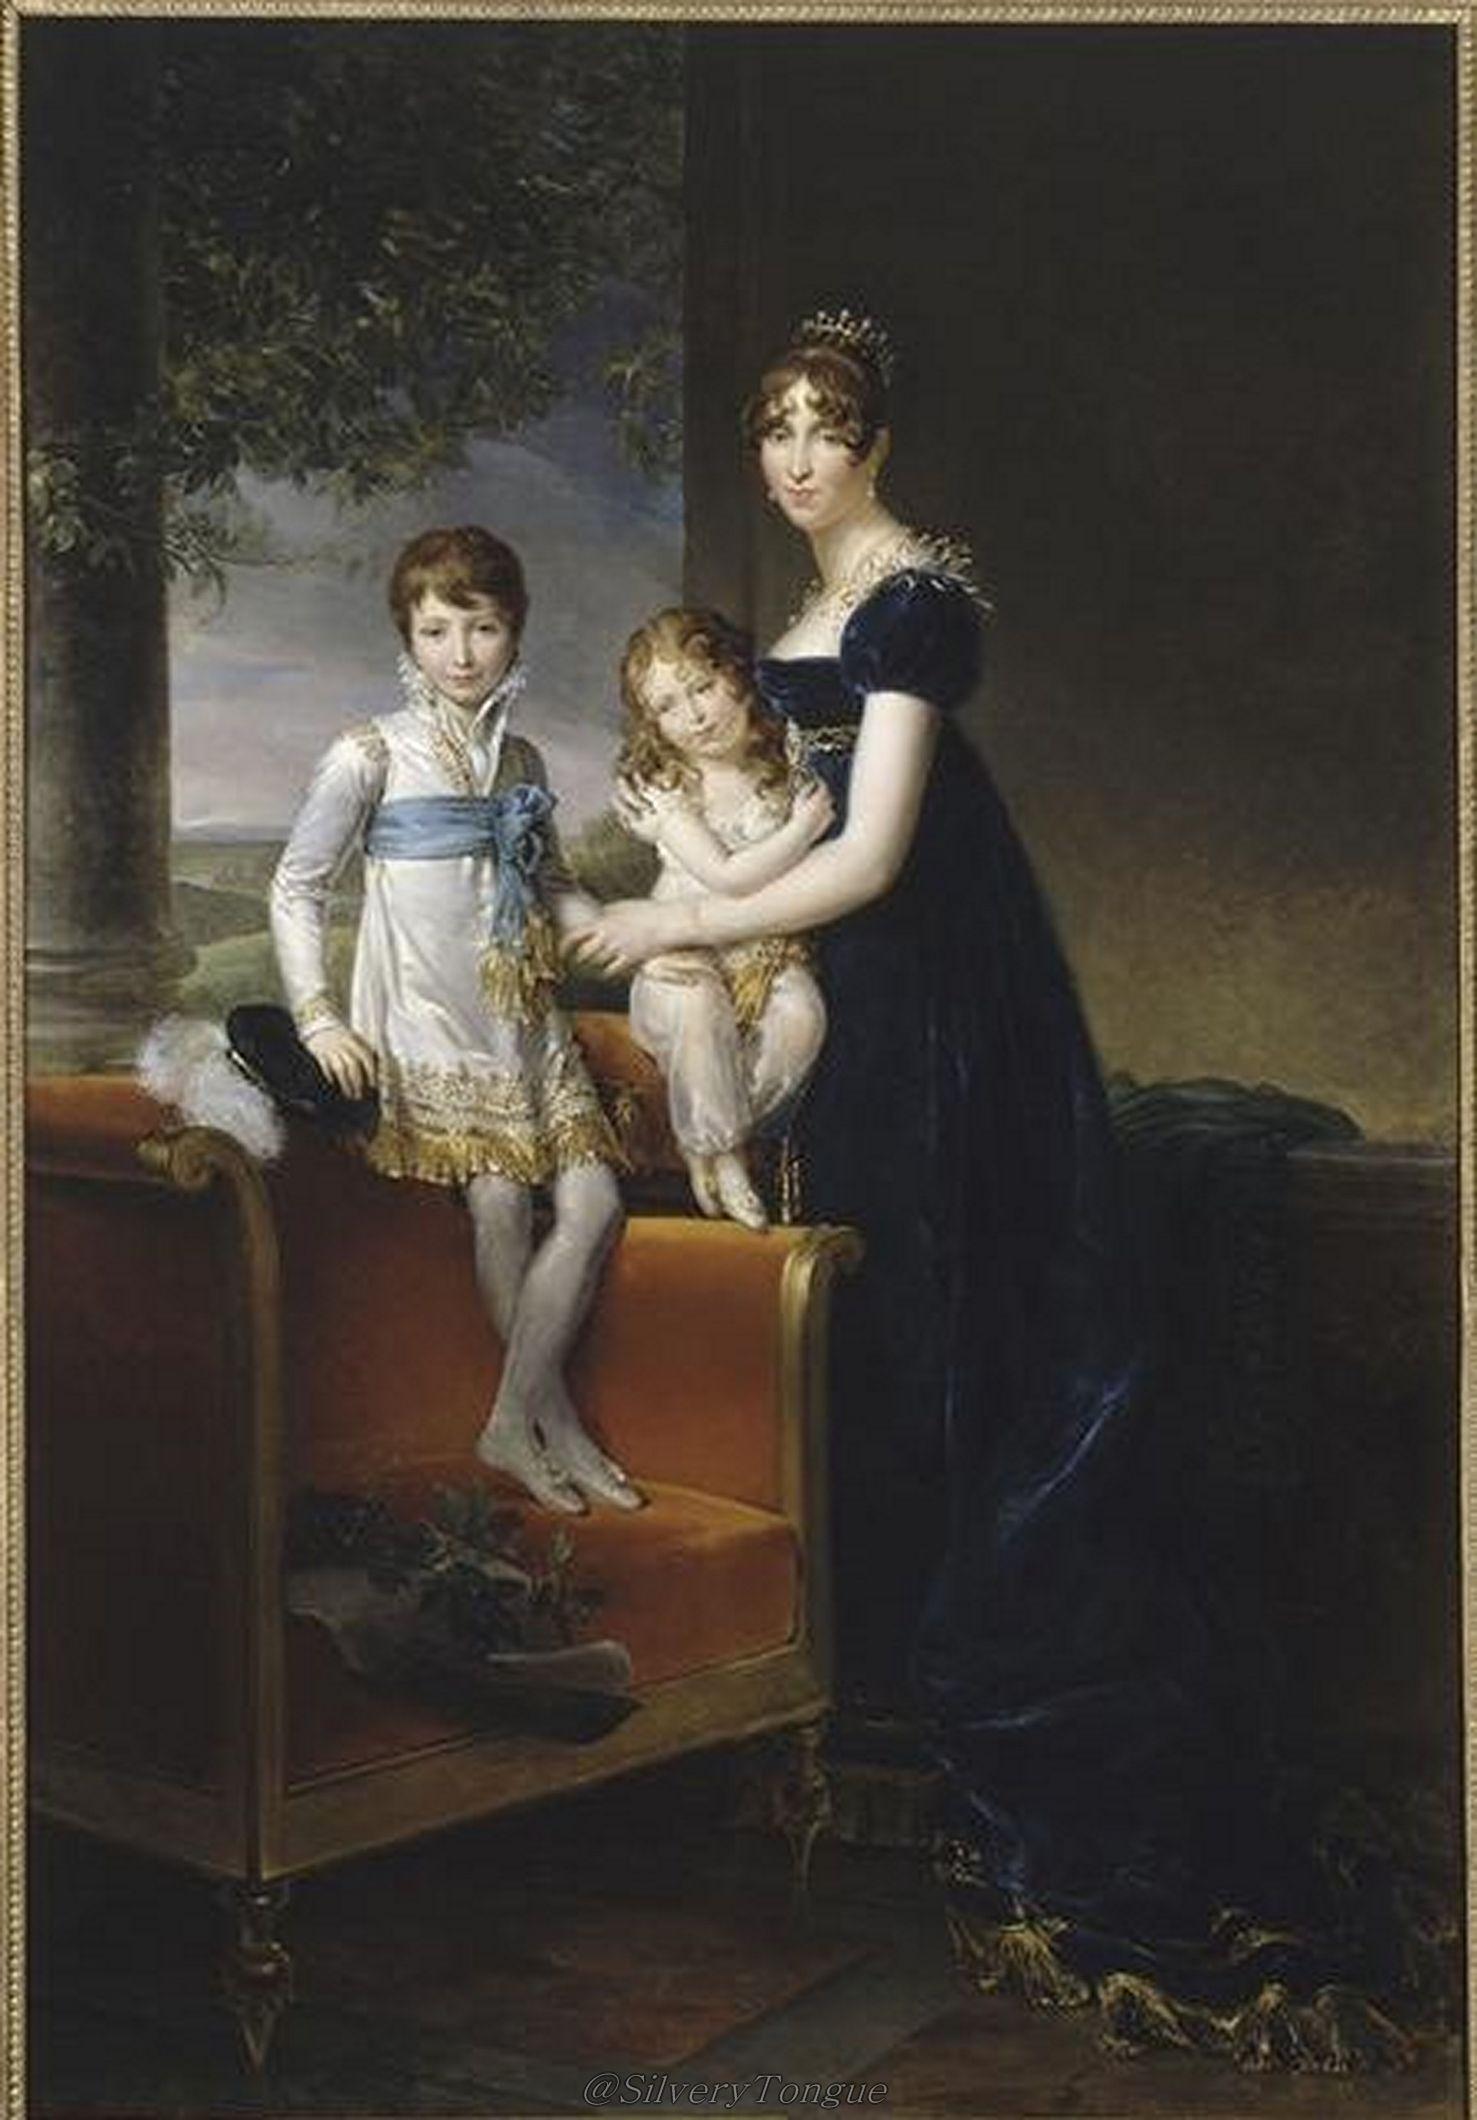 Koningin Hortense met de prinsen Napoleon Louis en Louis Napoleon door Gérard.   Particuliere collectie.